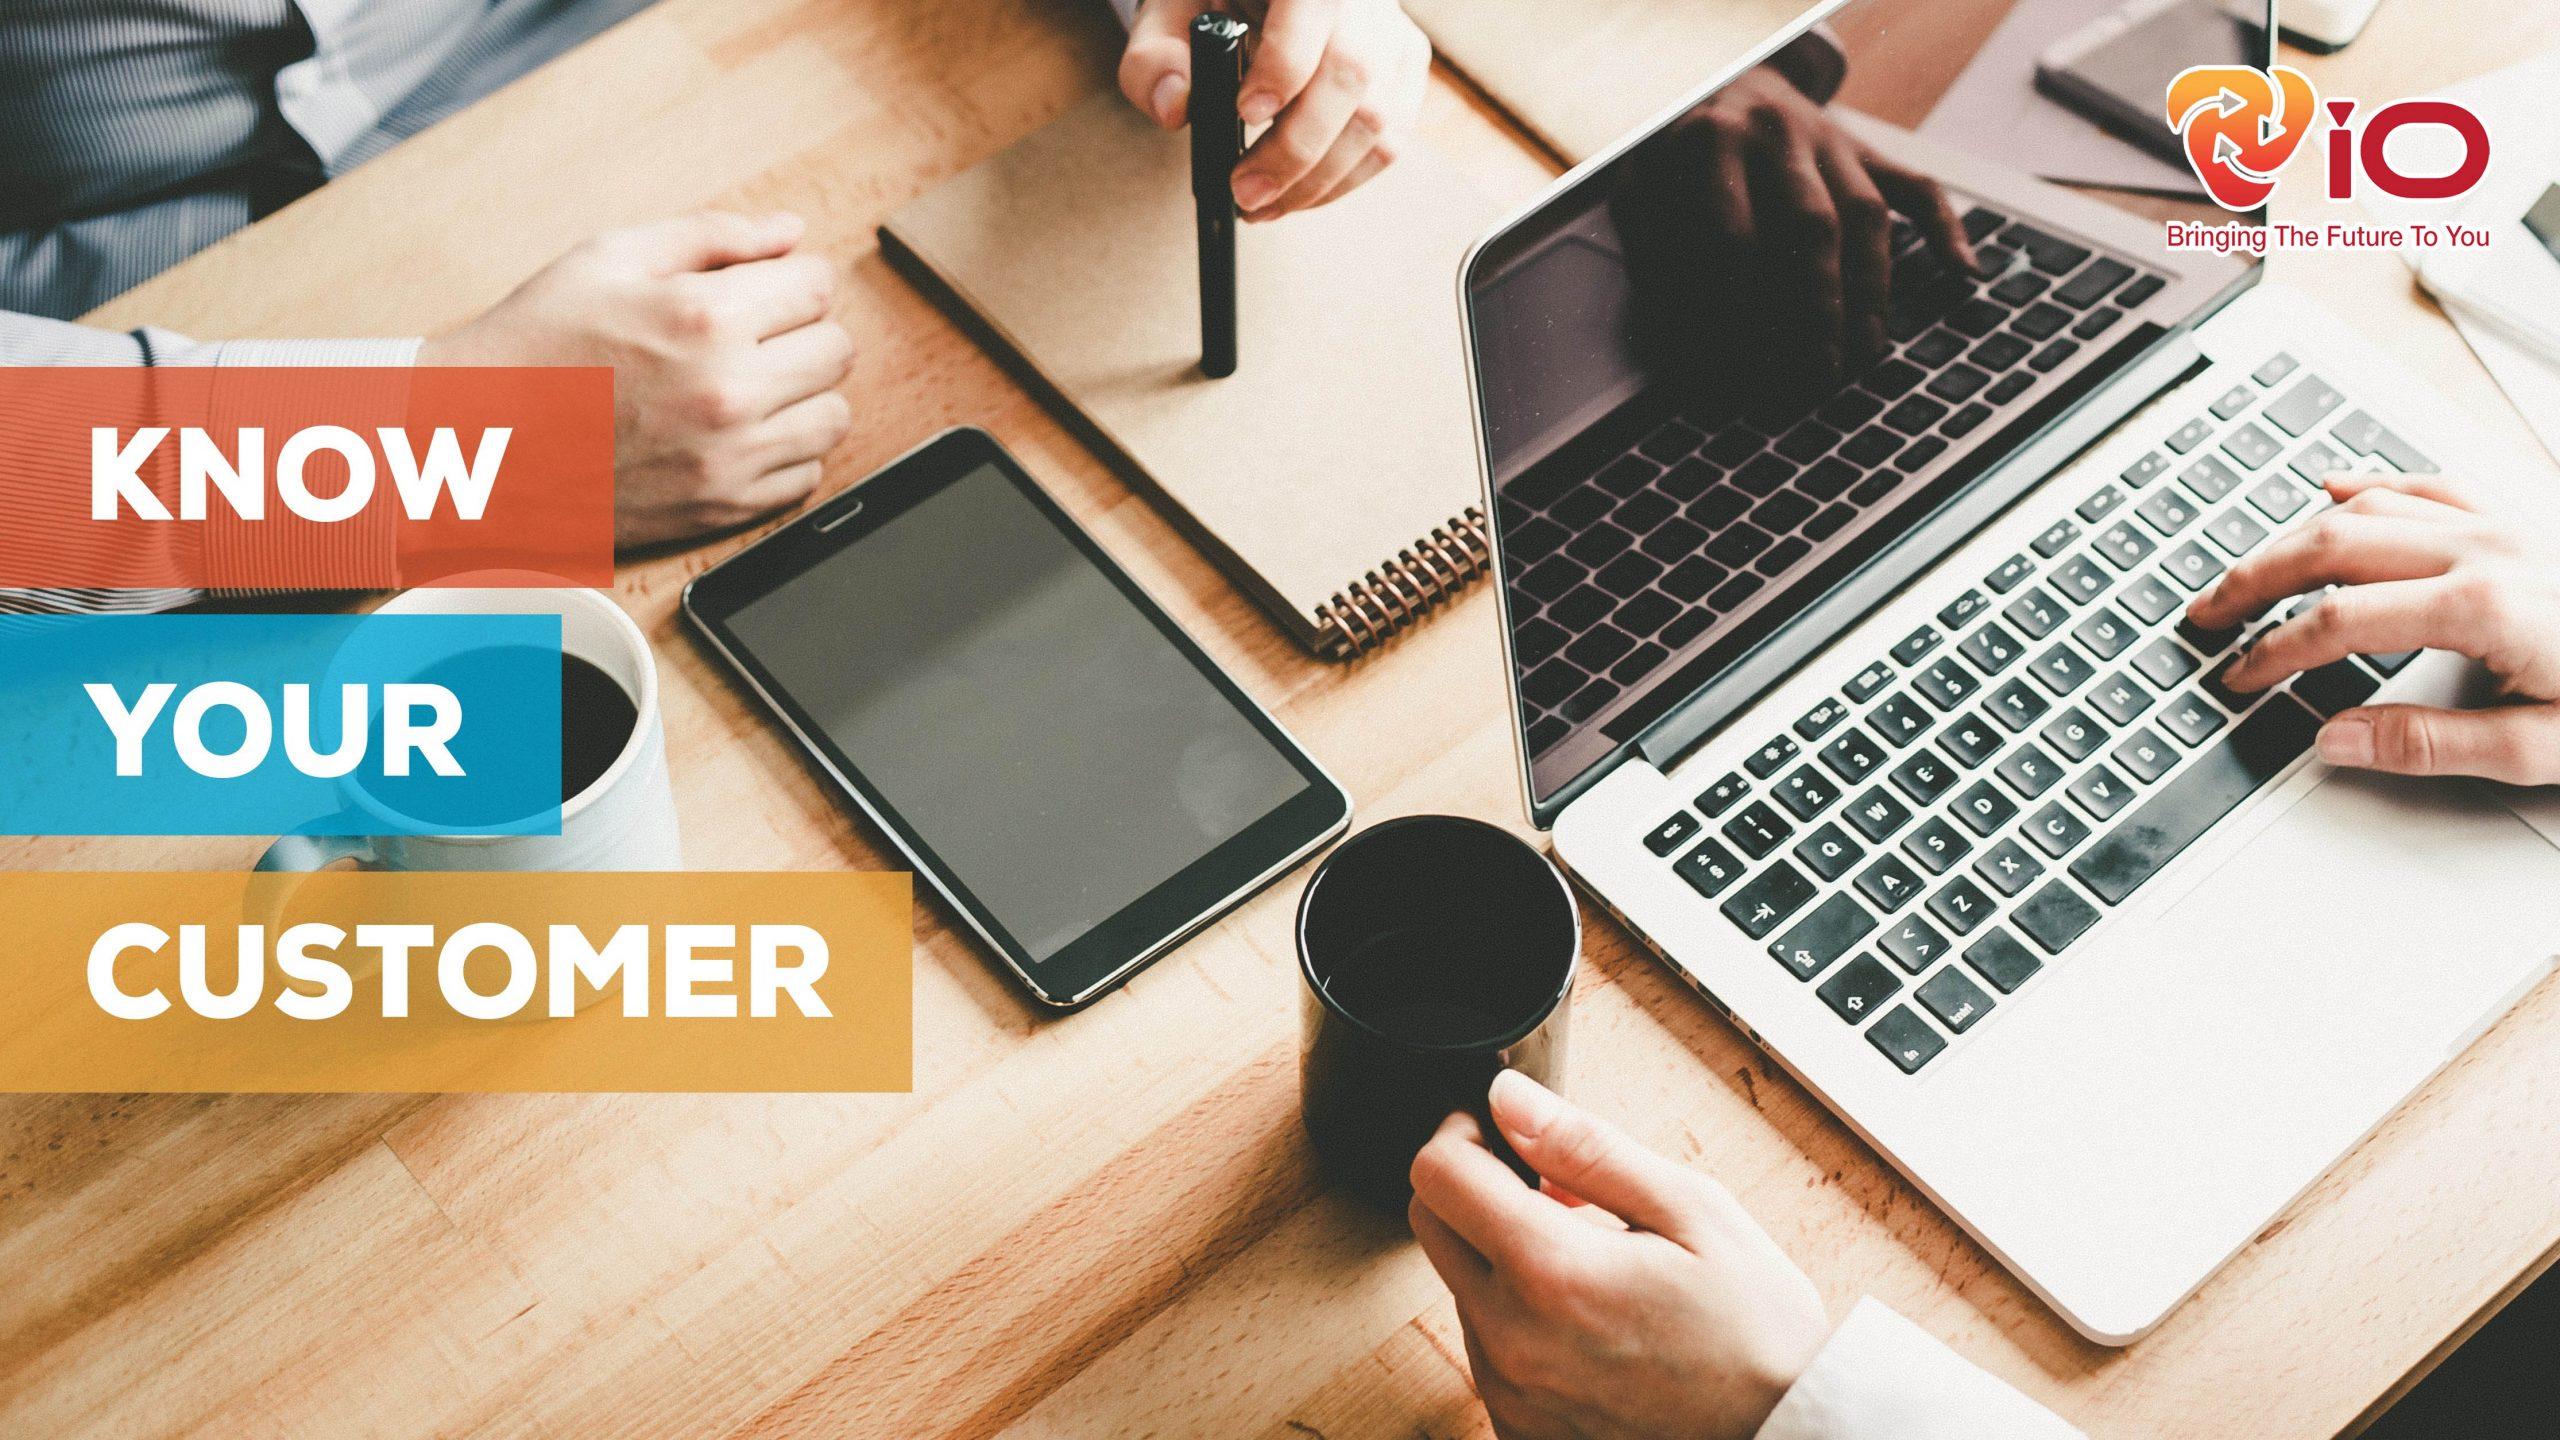 Tìm hiểu và nghiên cứu khách hàng tốt hơn